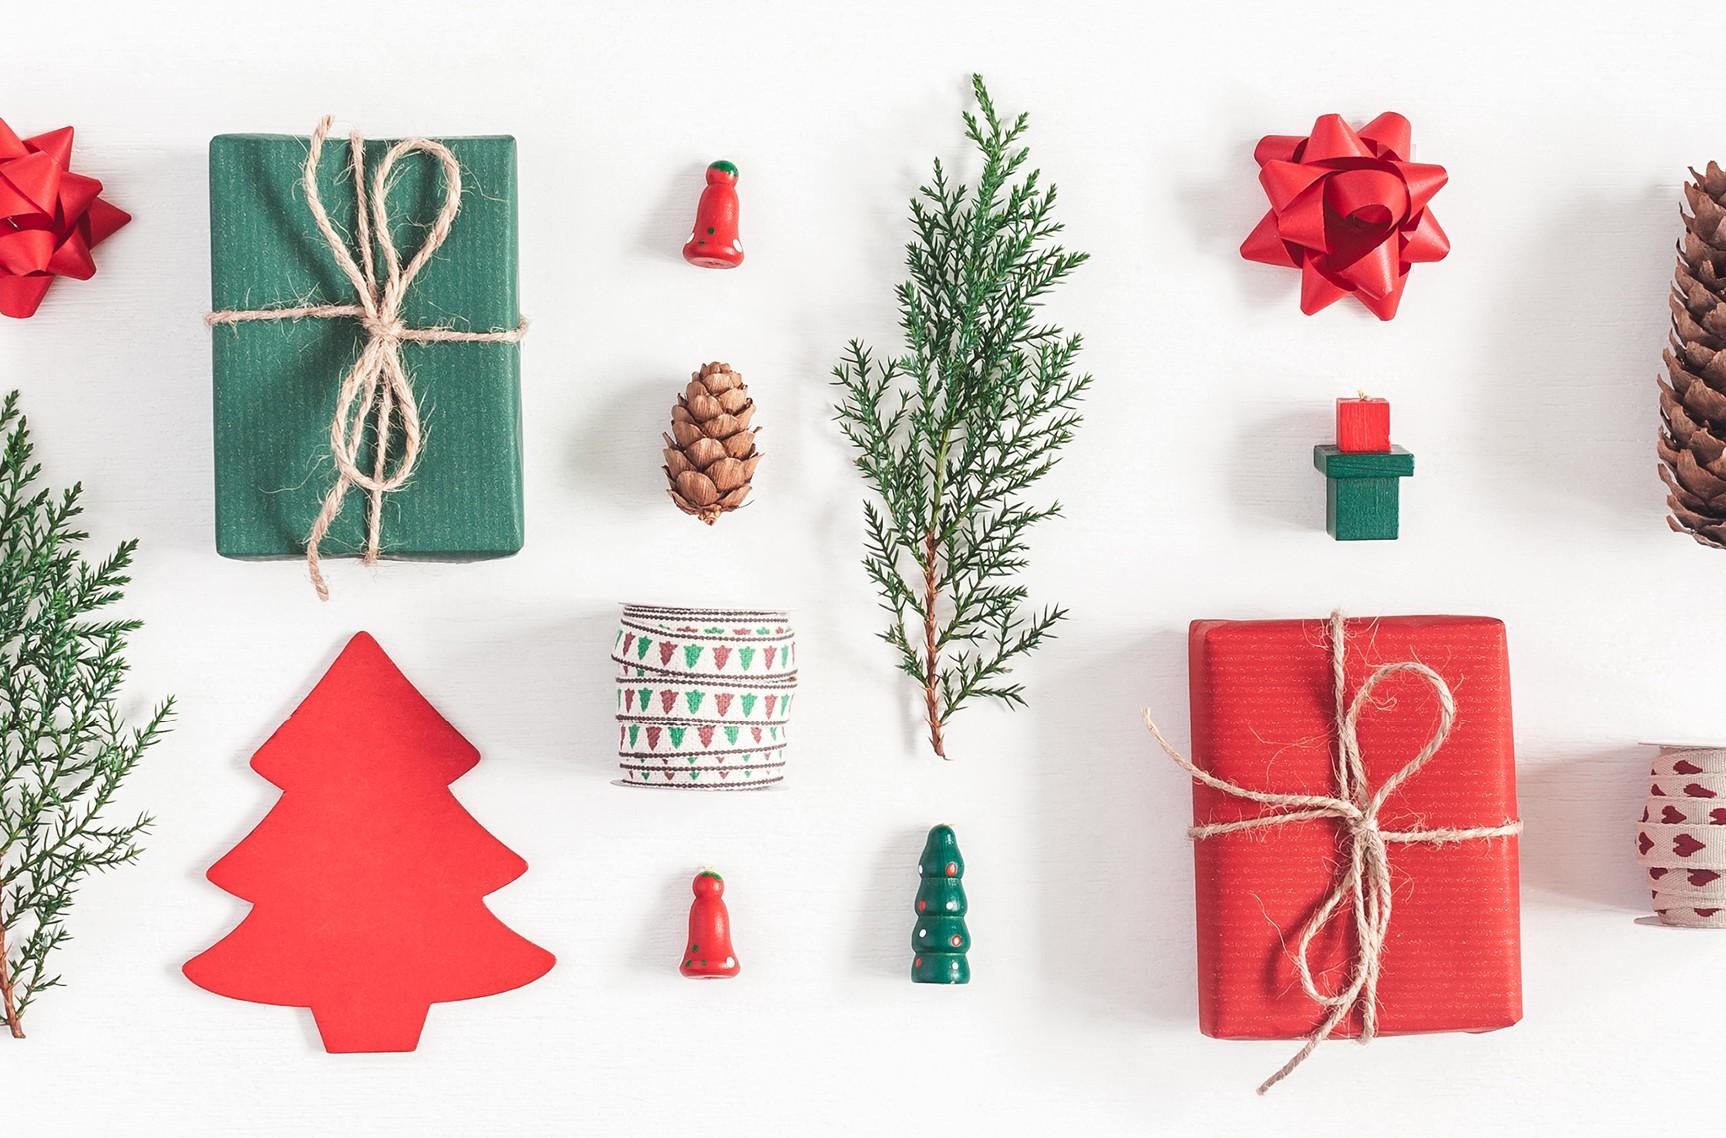 Un Natale a regola d'arte: idee per il regalo perfetto!